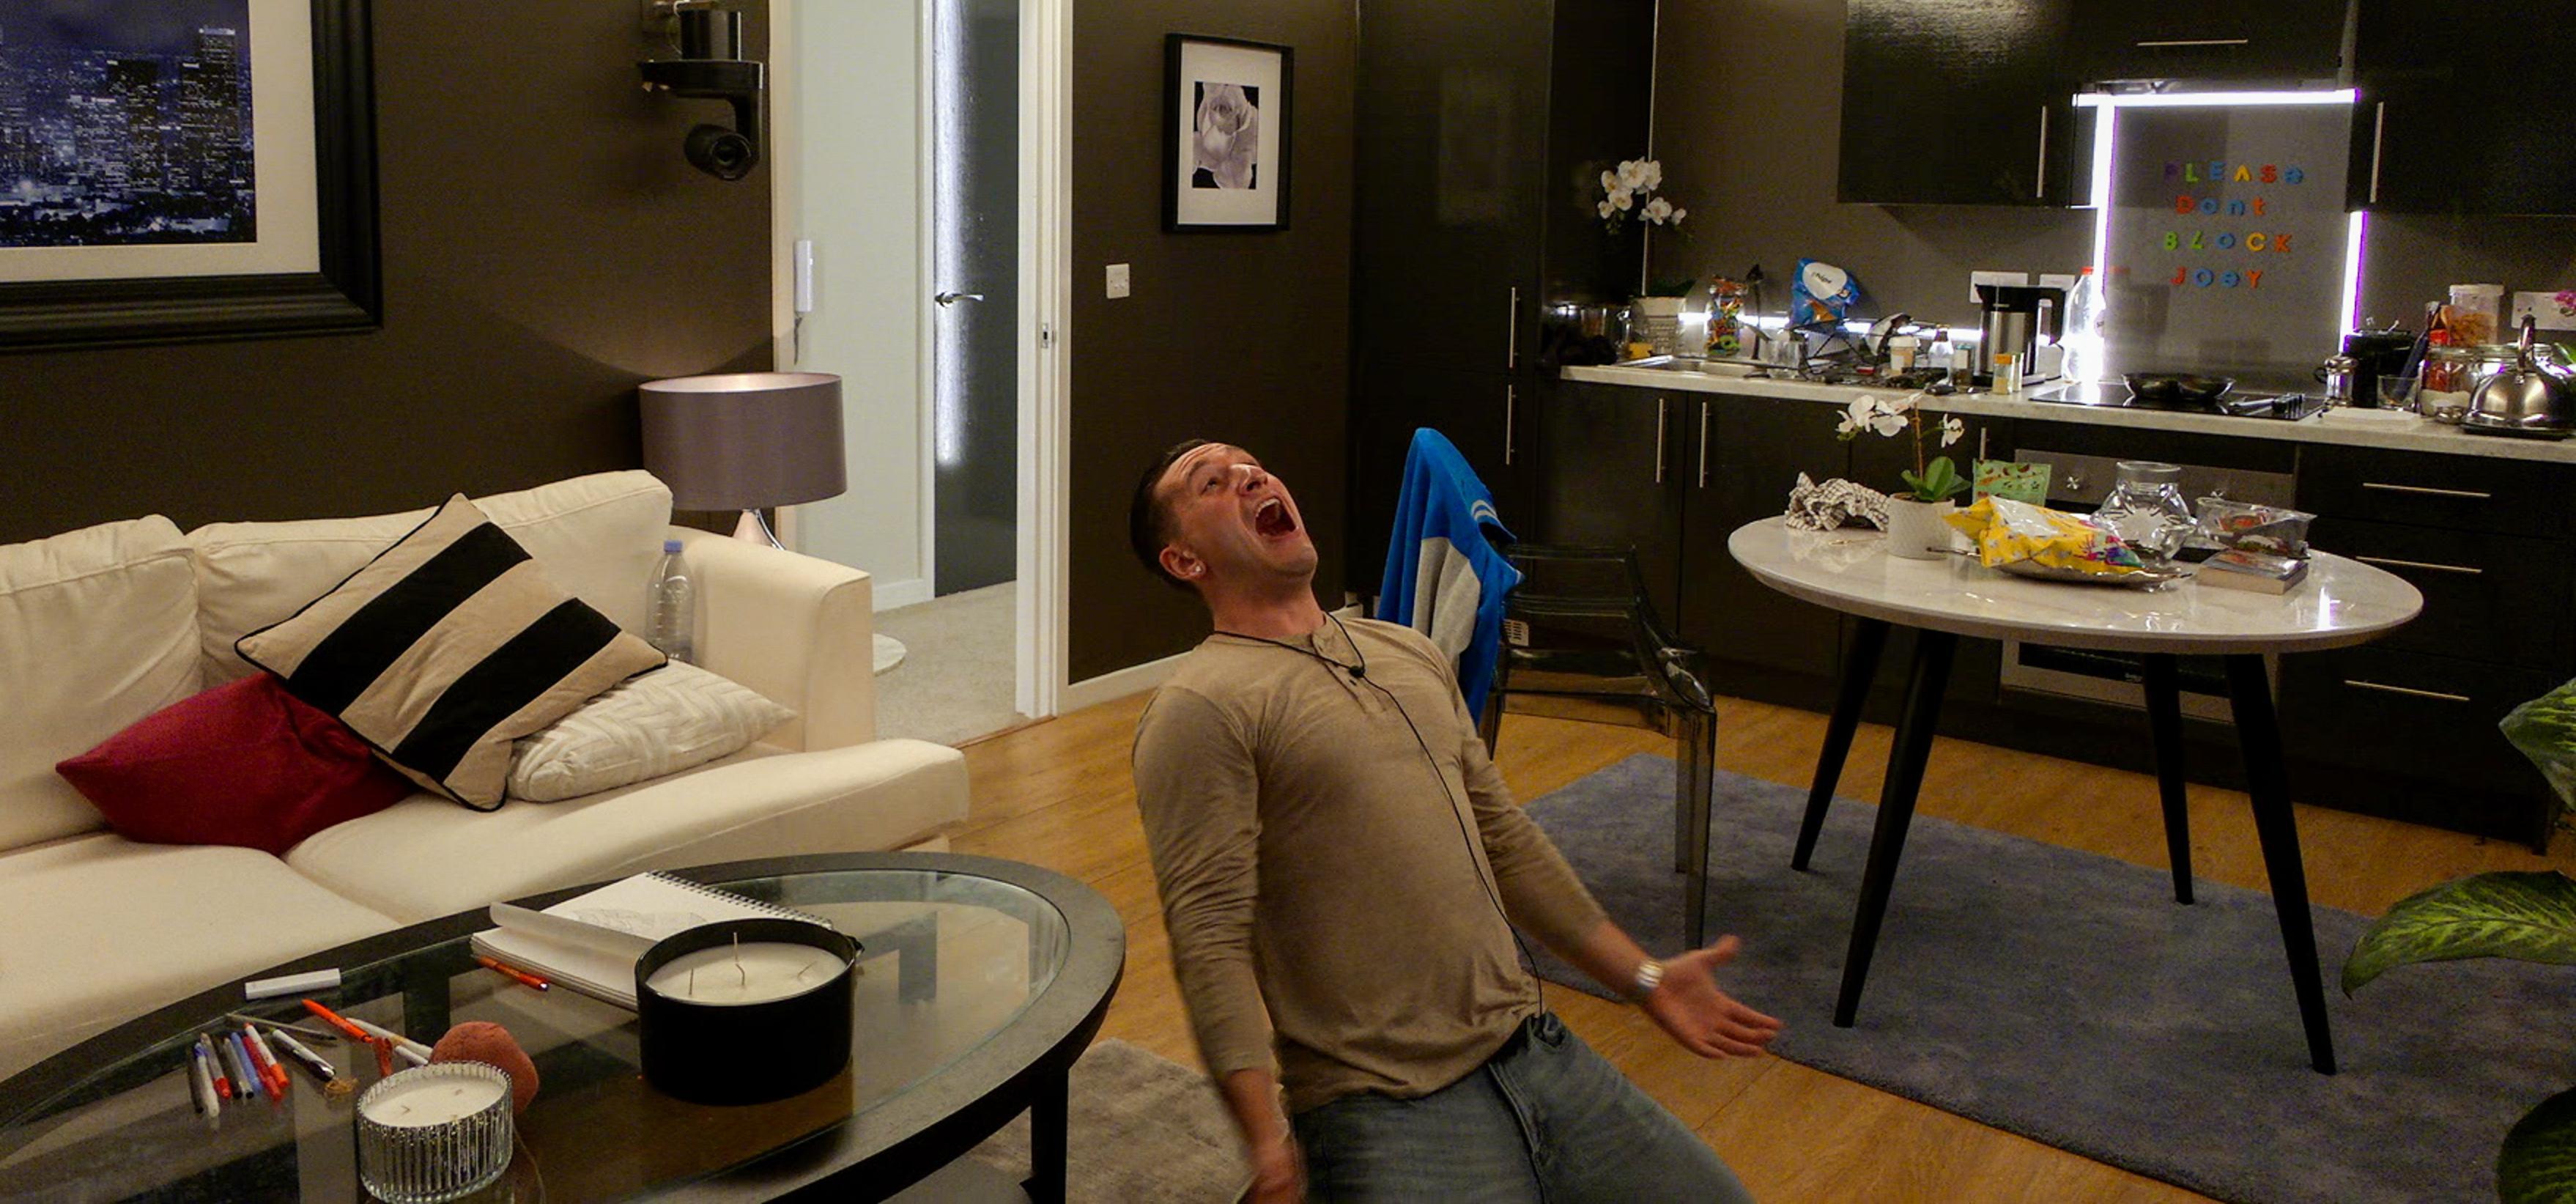 Joey in 'The Circle' season 1